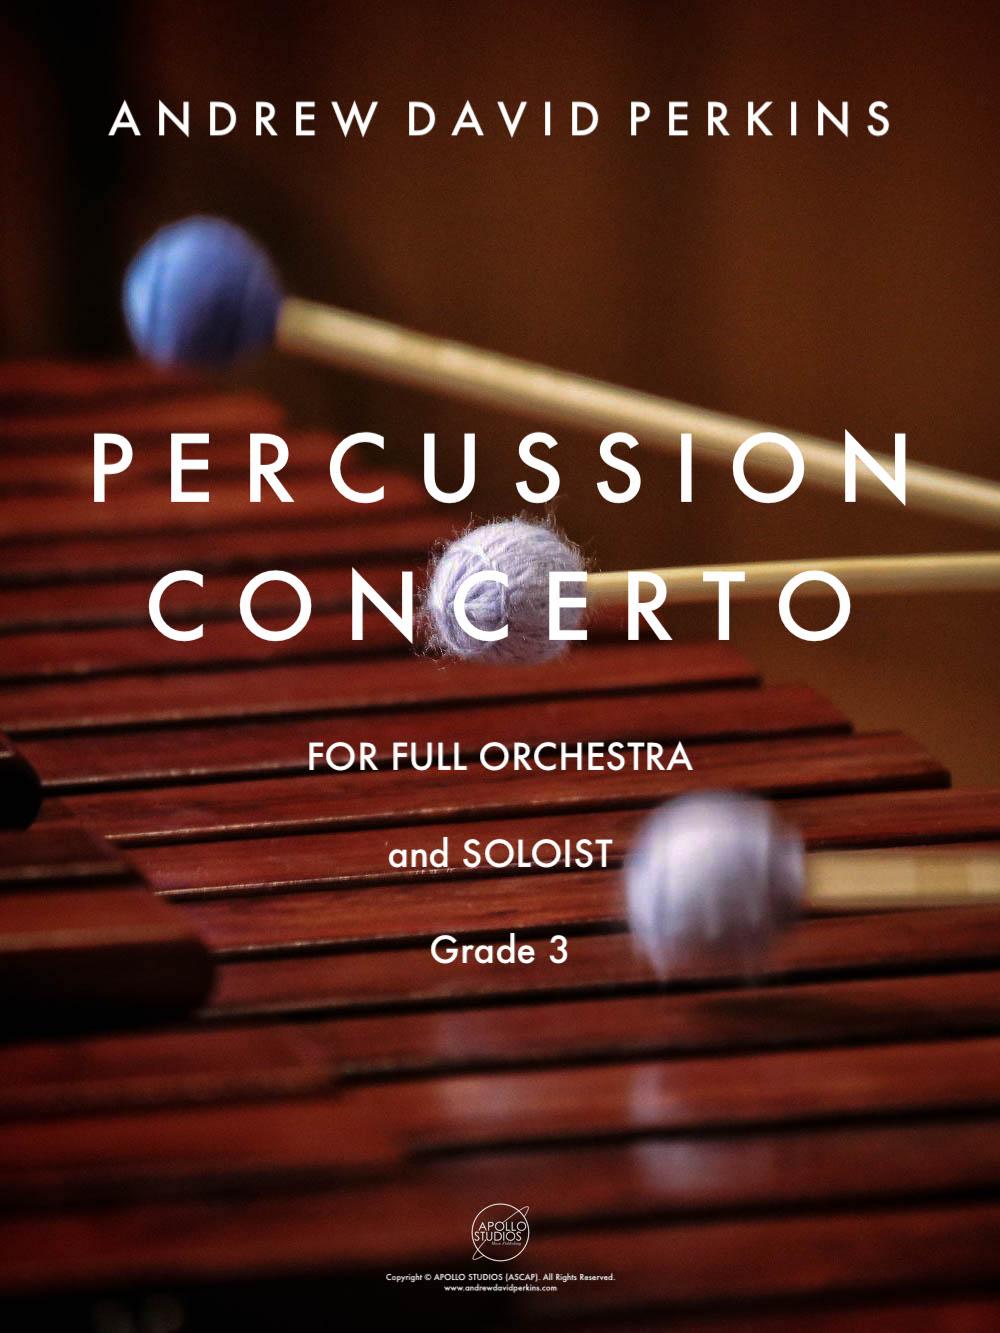 Percussion Concerto for Orchestra